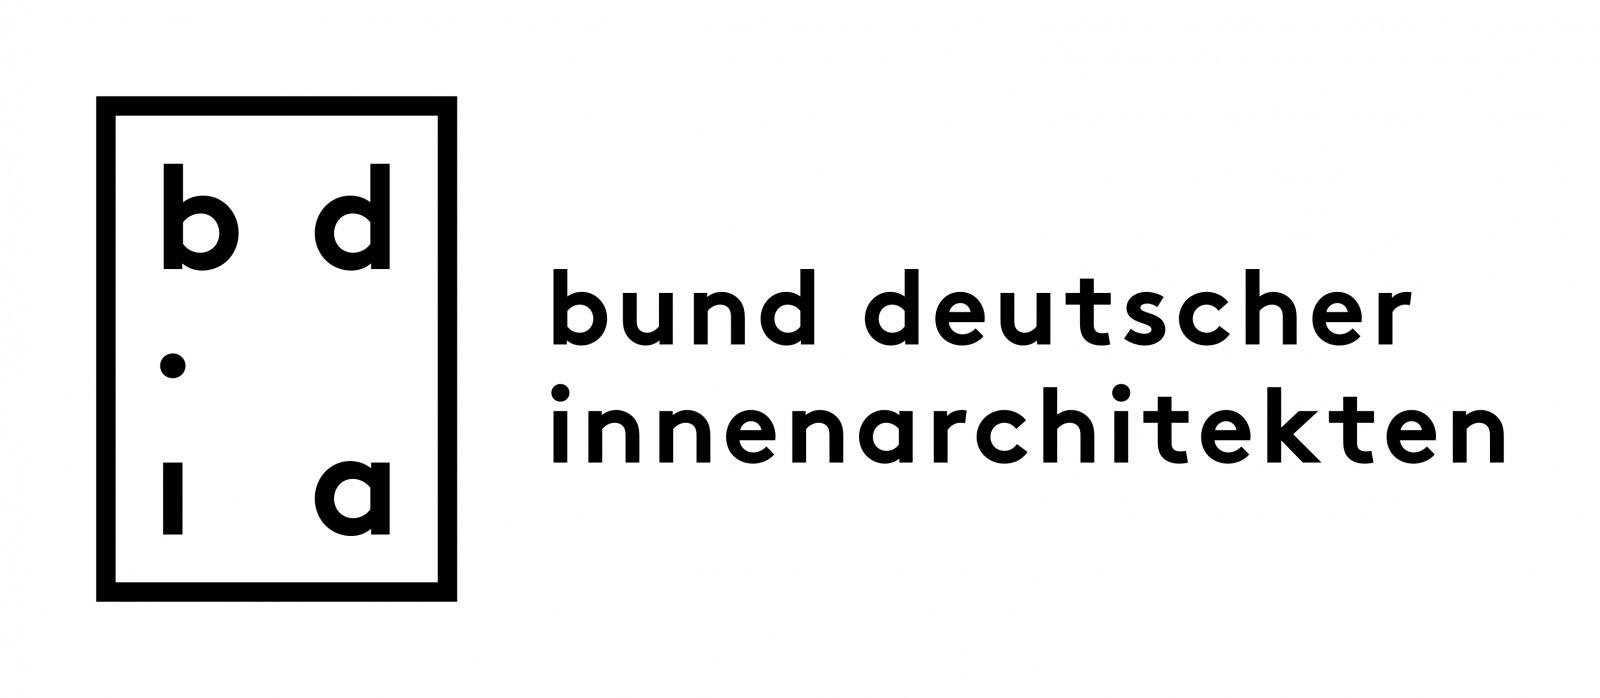 Logo vom Bund deutscher Innenarchitekten